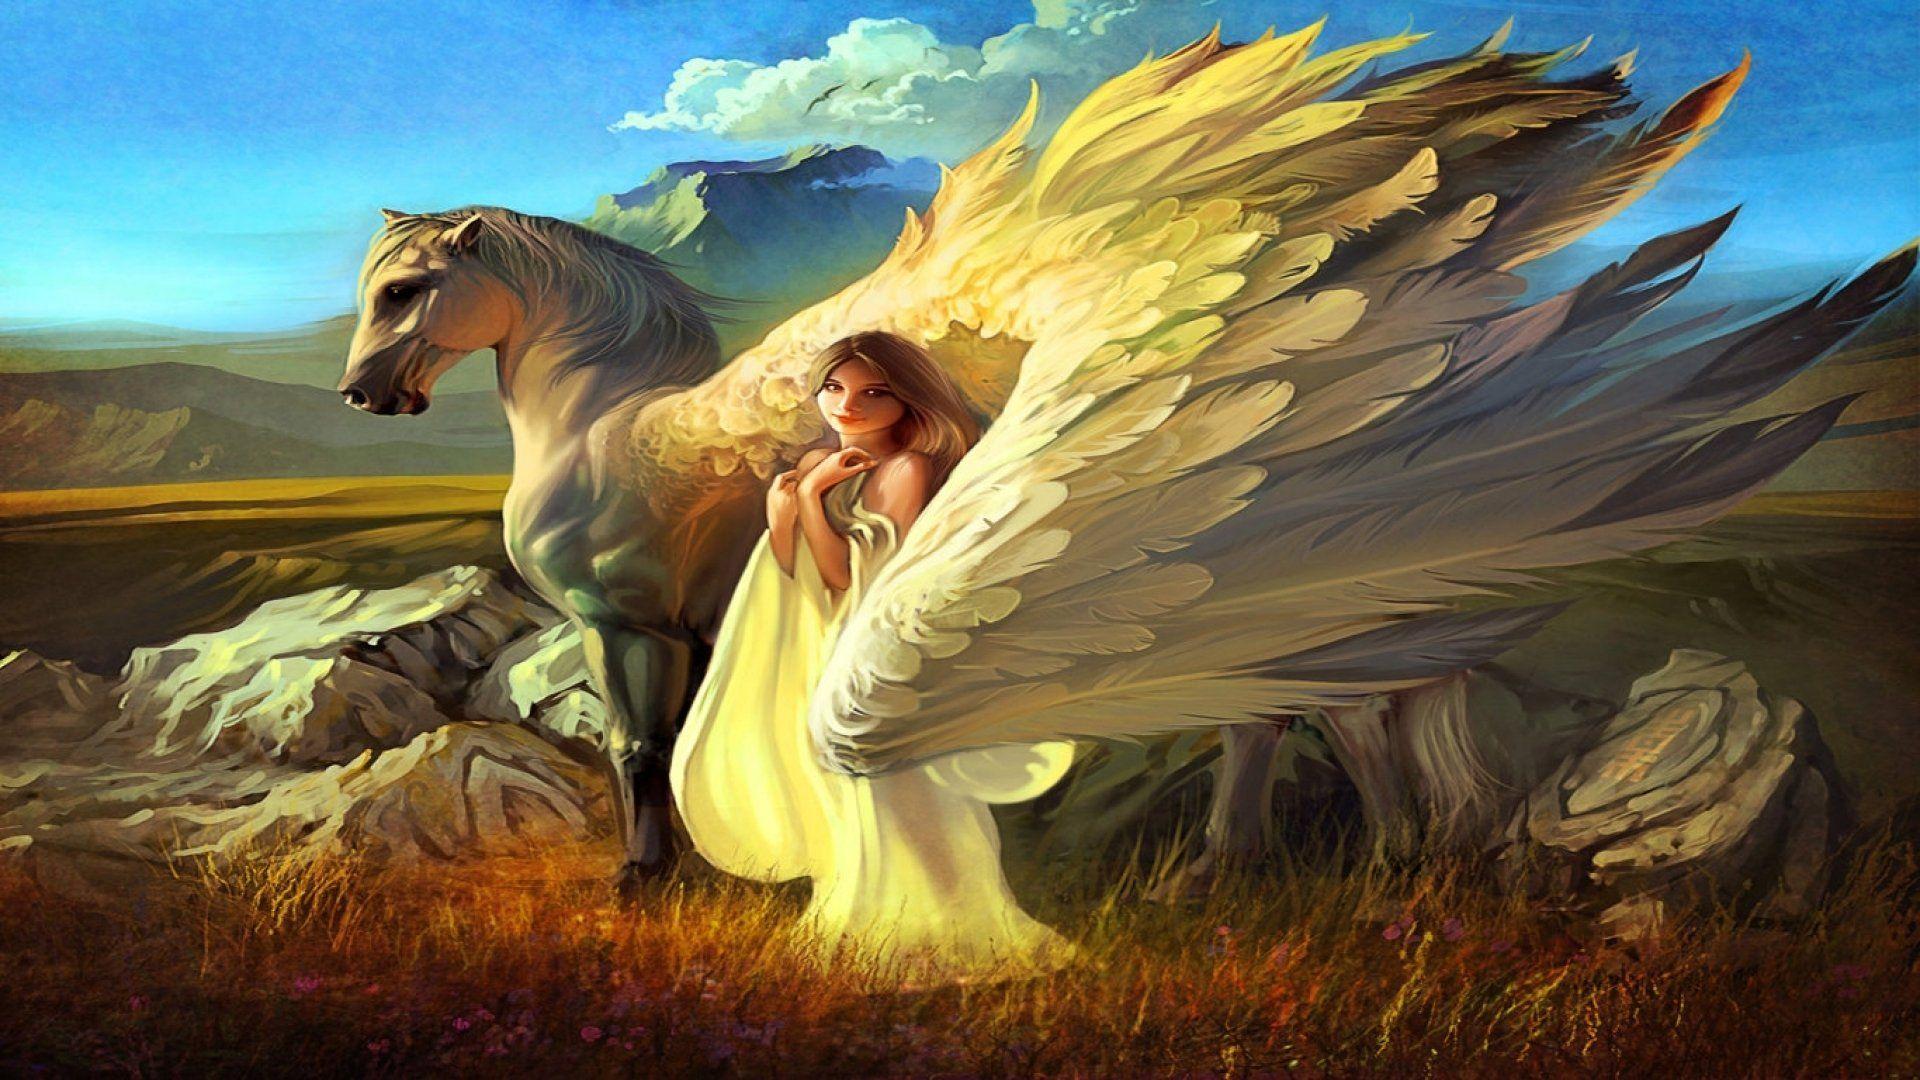 Download Wallpaper Horse Angel - de7b3f4c360f040b73658eccde19c487  Picture_93628.jpg